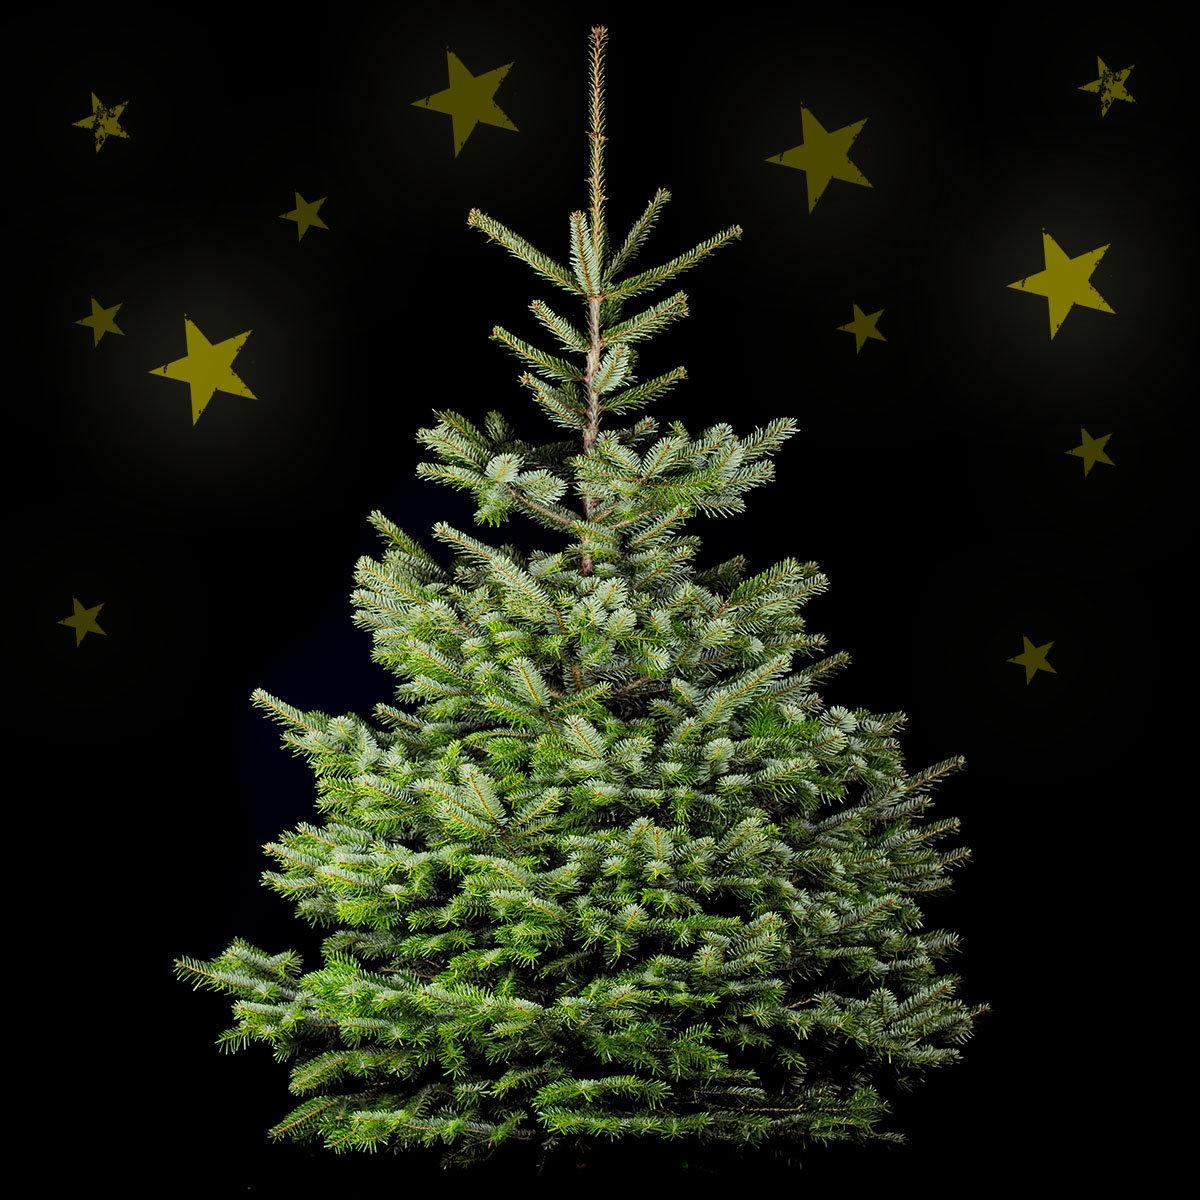 weihnachtsbaum nordmanntanne 150 170 cm von g rtner p tschke. Black Bedroom Furniture Sets. Home Design Ideas